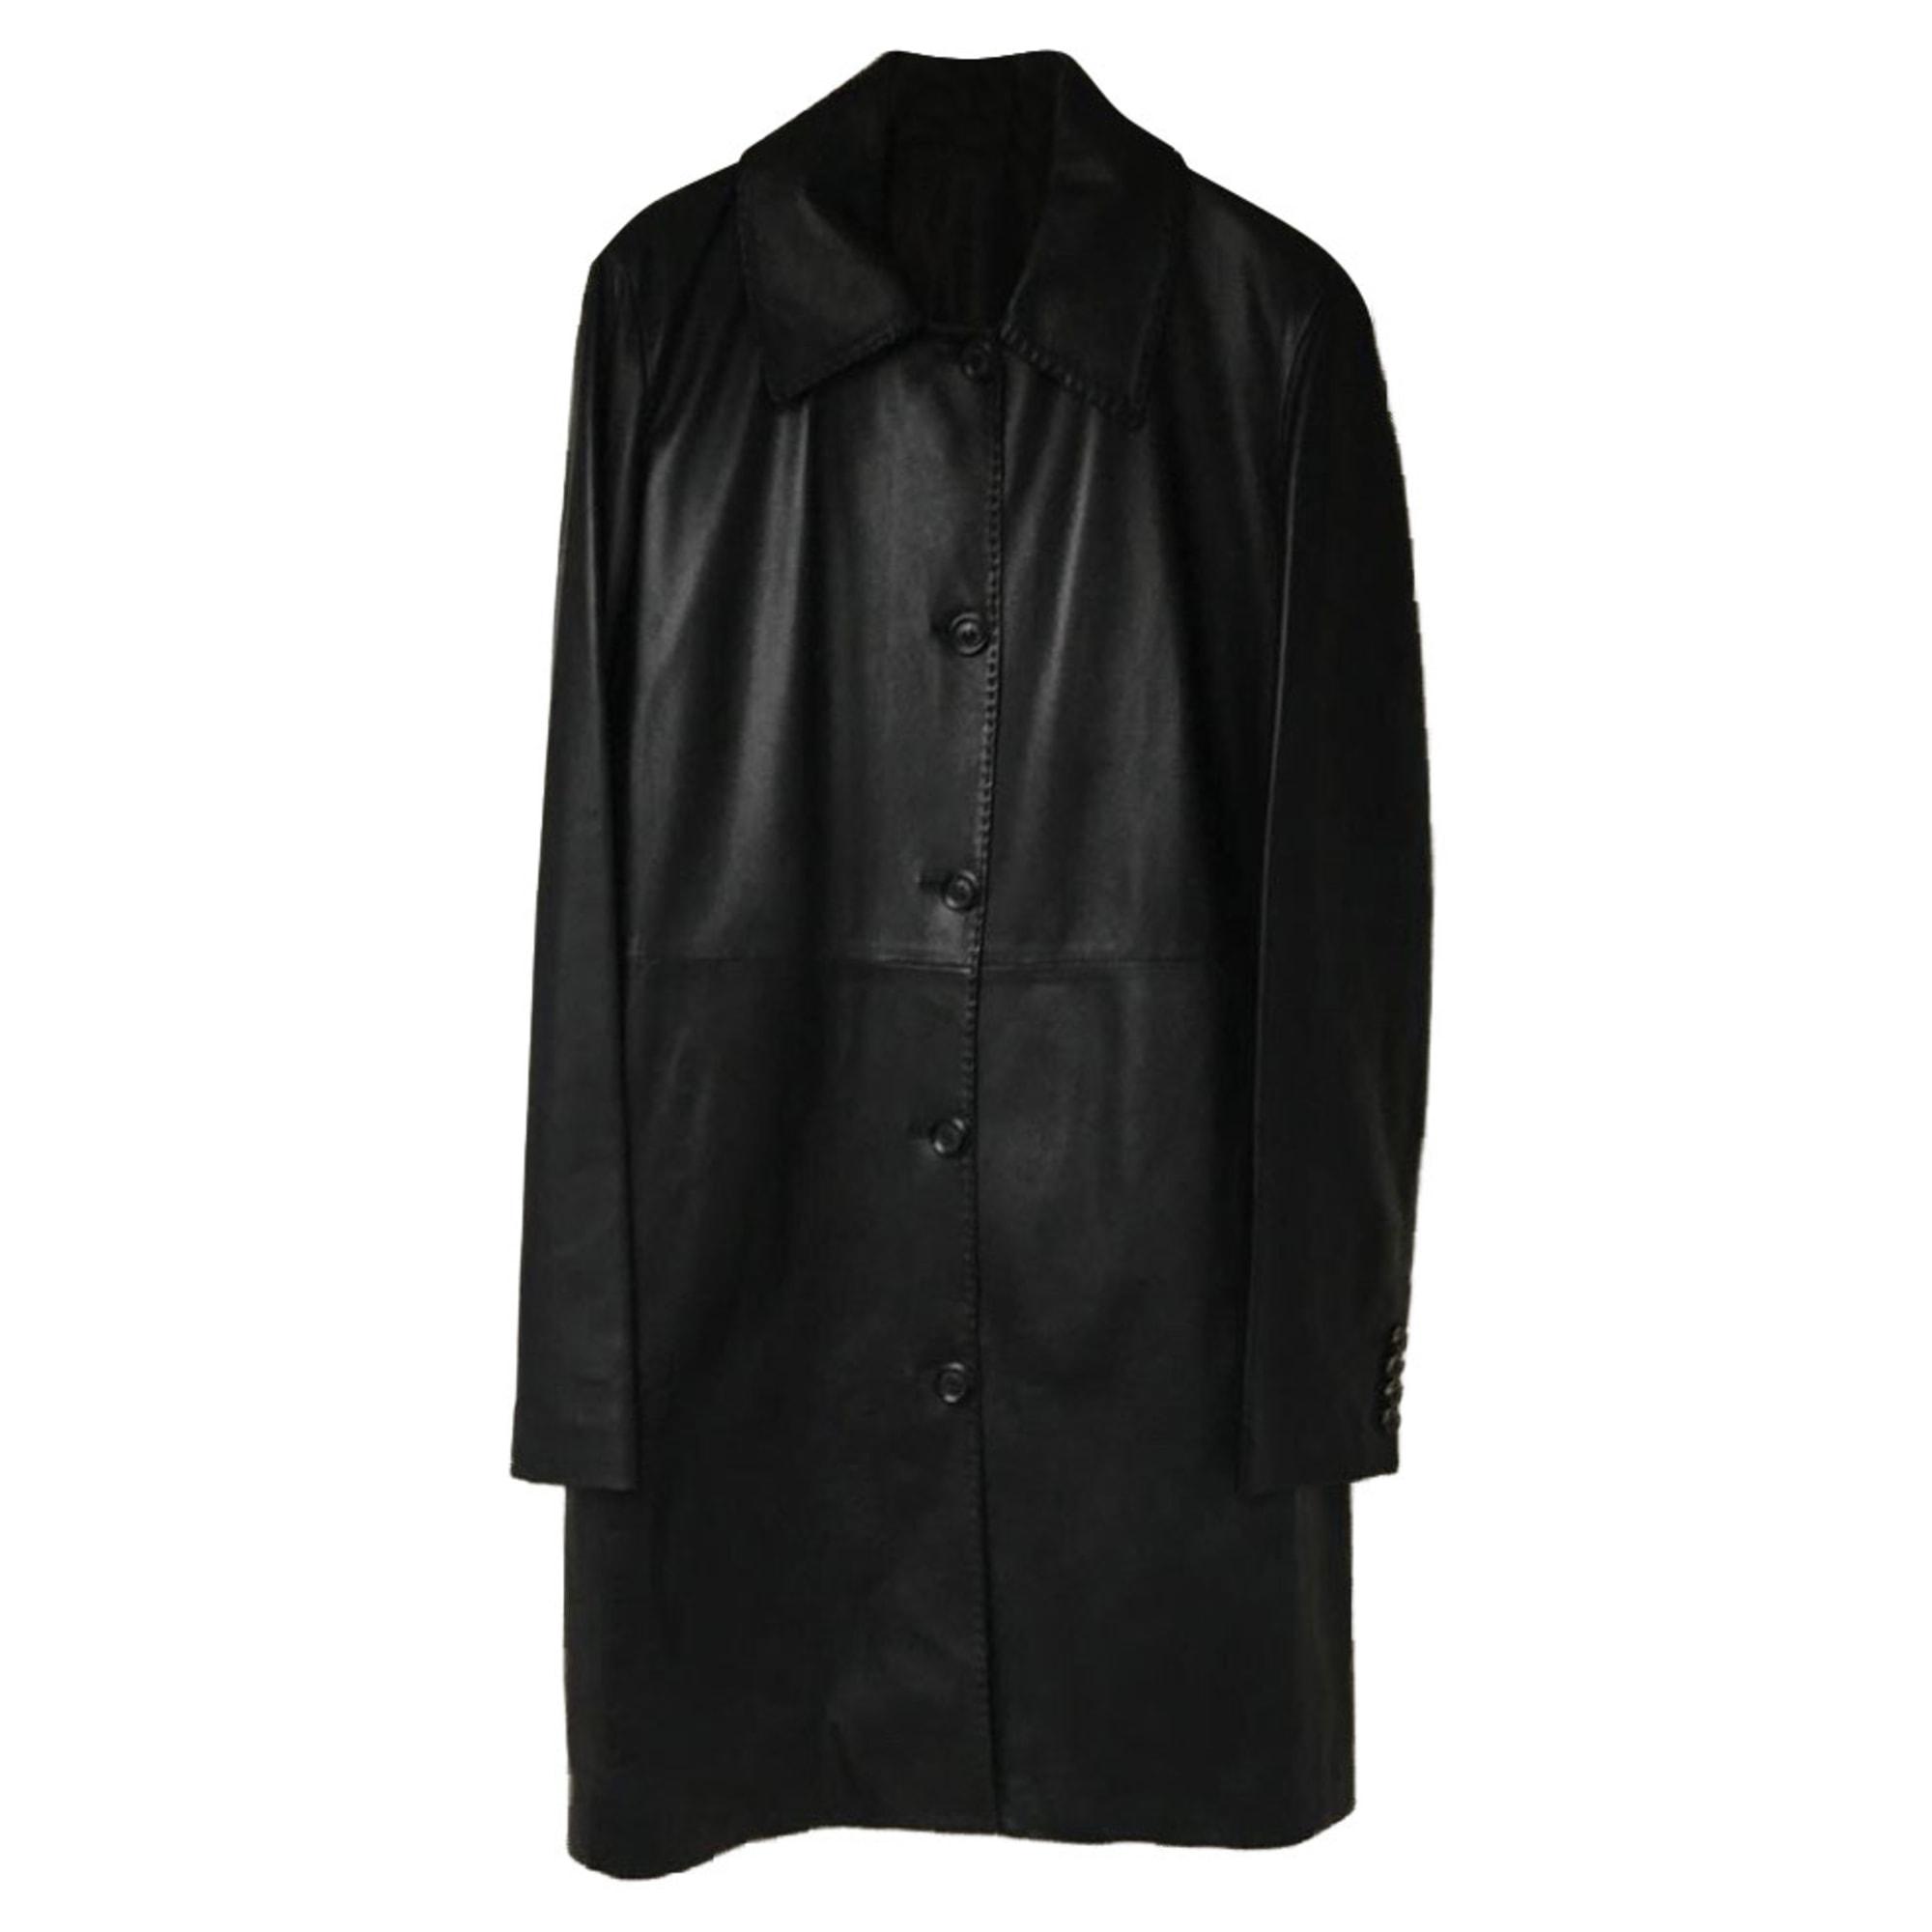 Manteau en cuir FRATELLI ROSSETTI Noir